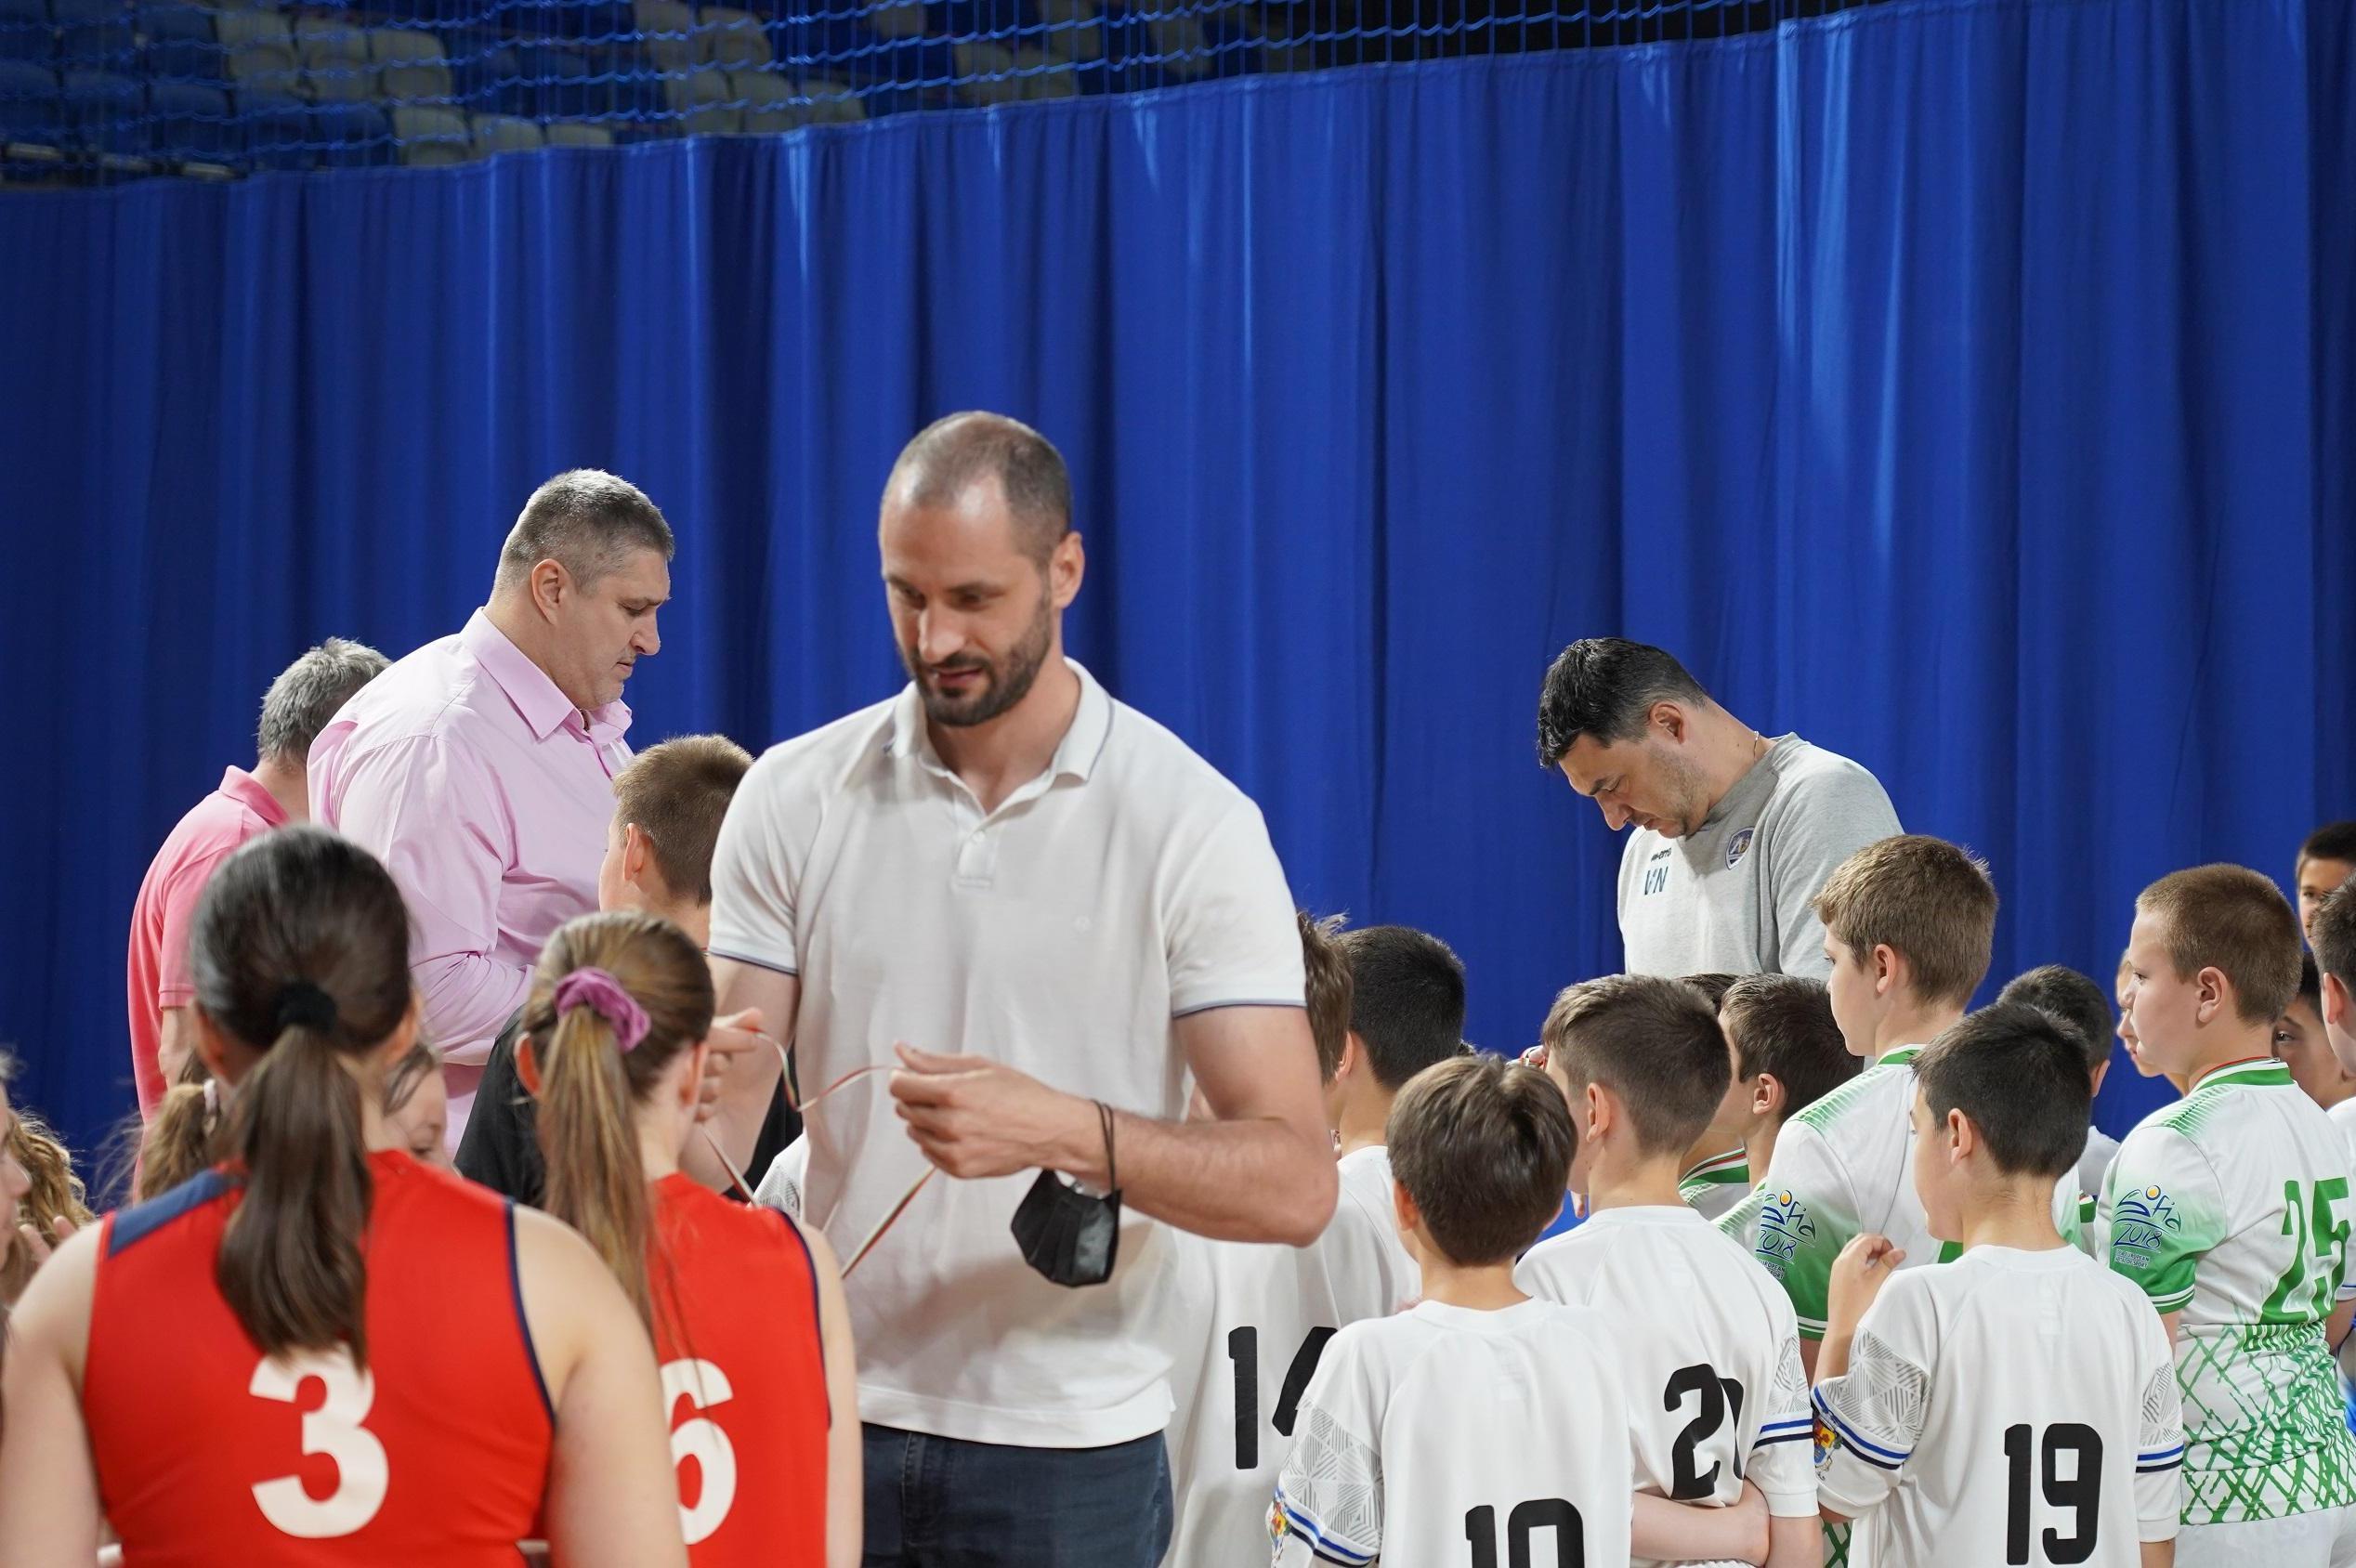 Любо Ганев, Владо Николов и Матей Казийски зарадваха над 150 участници в де